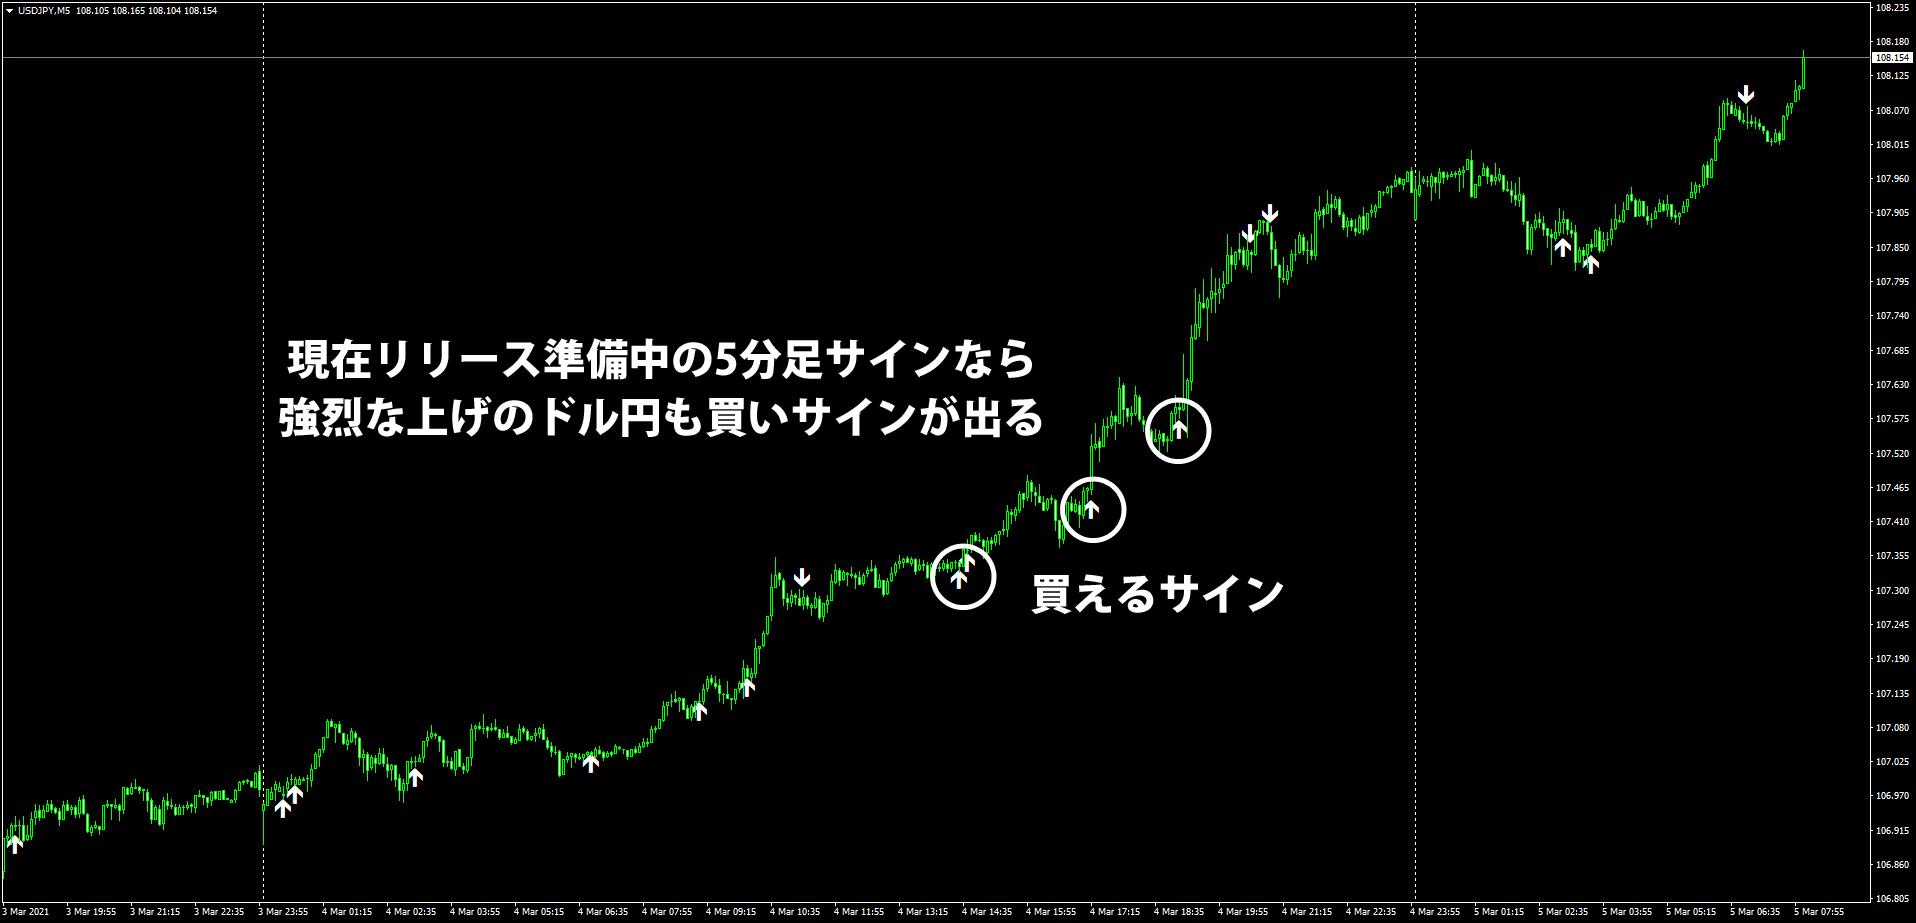 3/4のドル円5分足